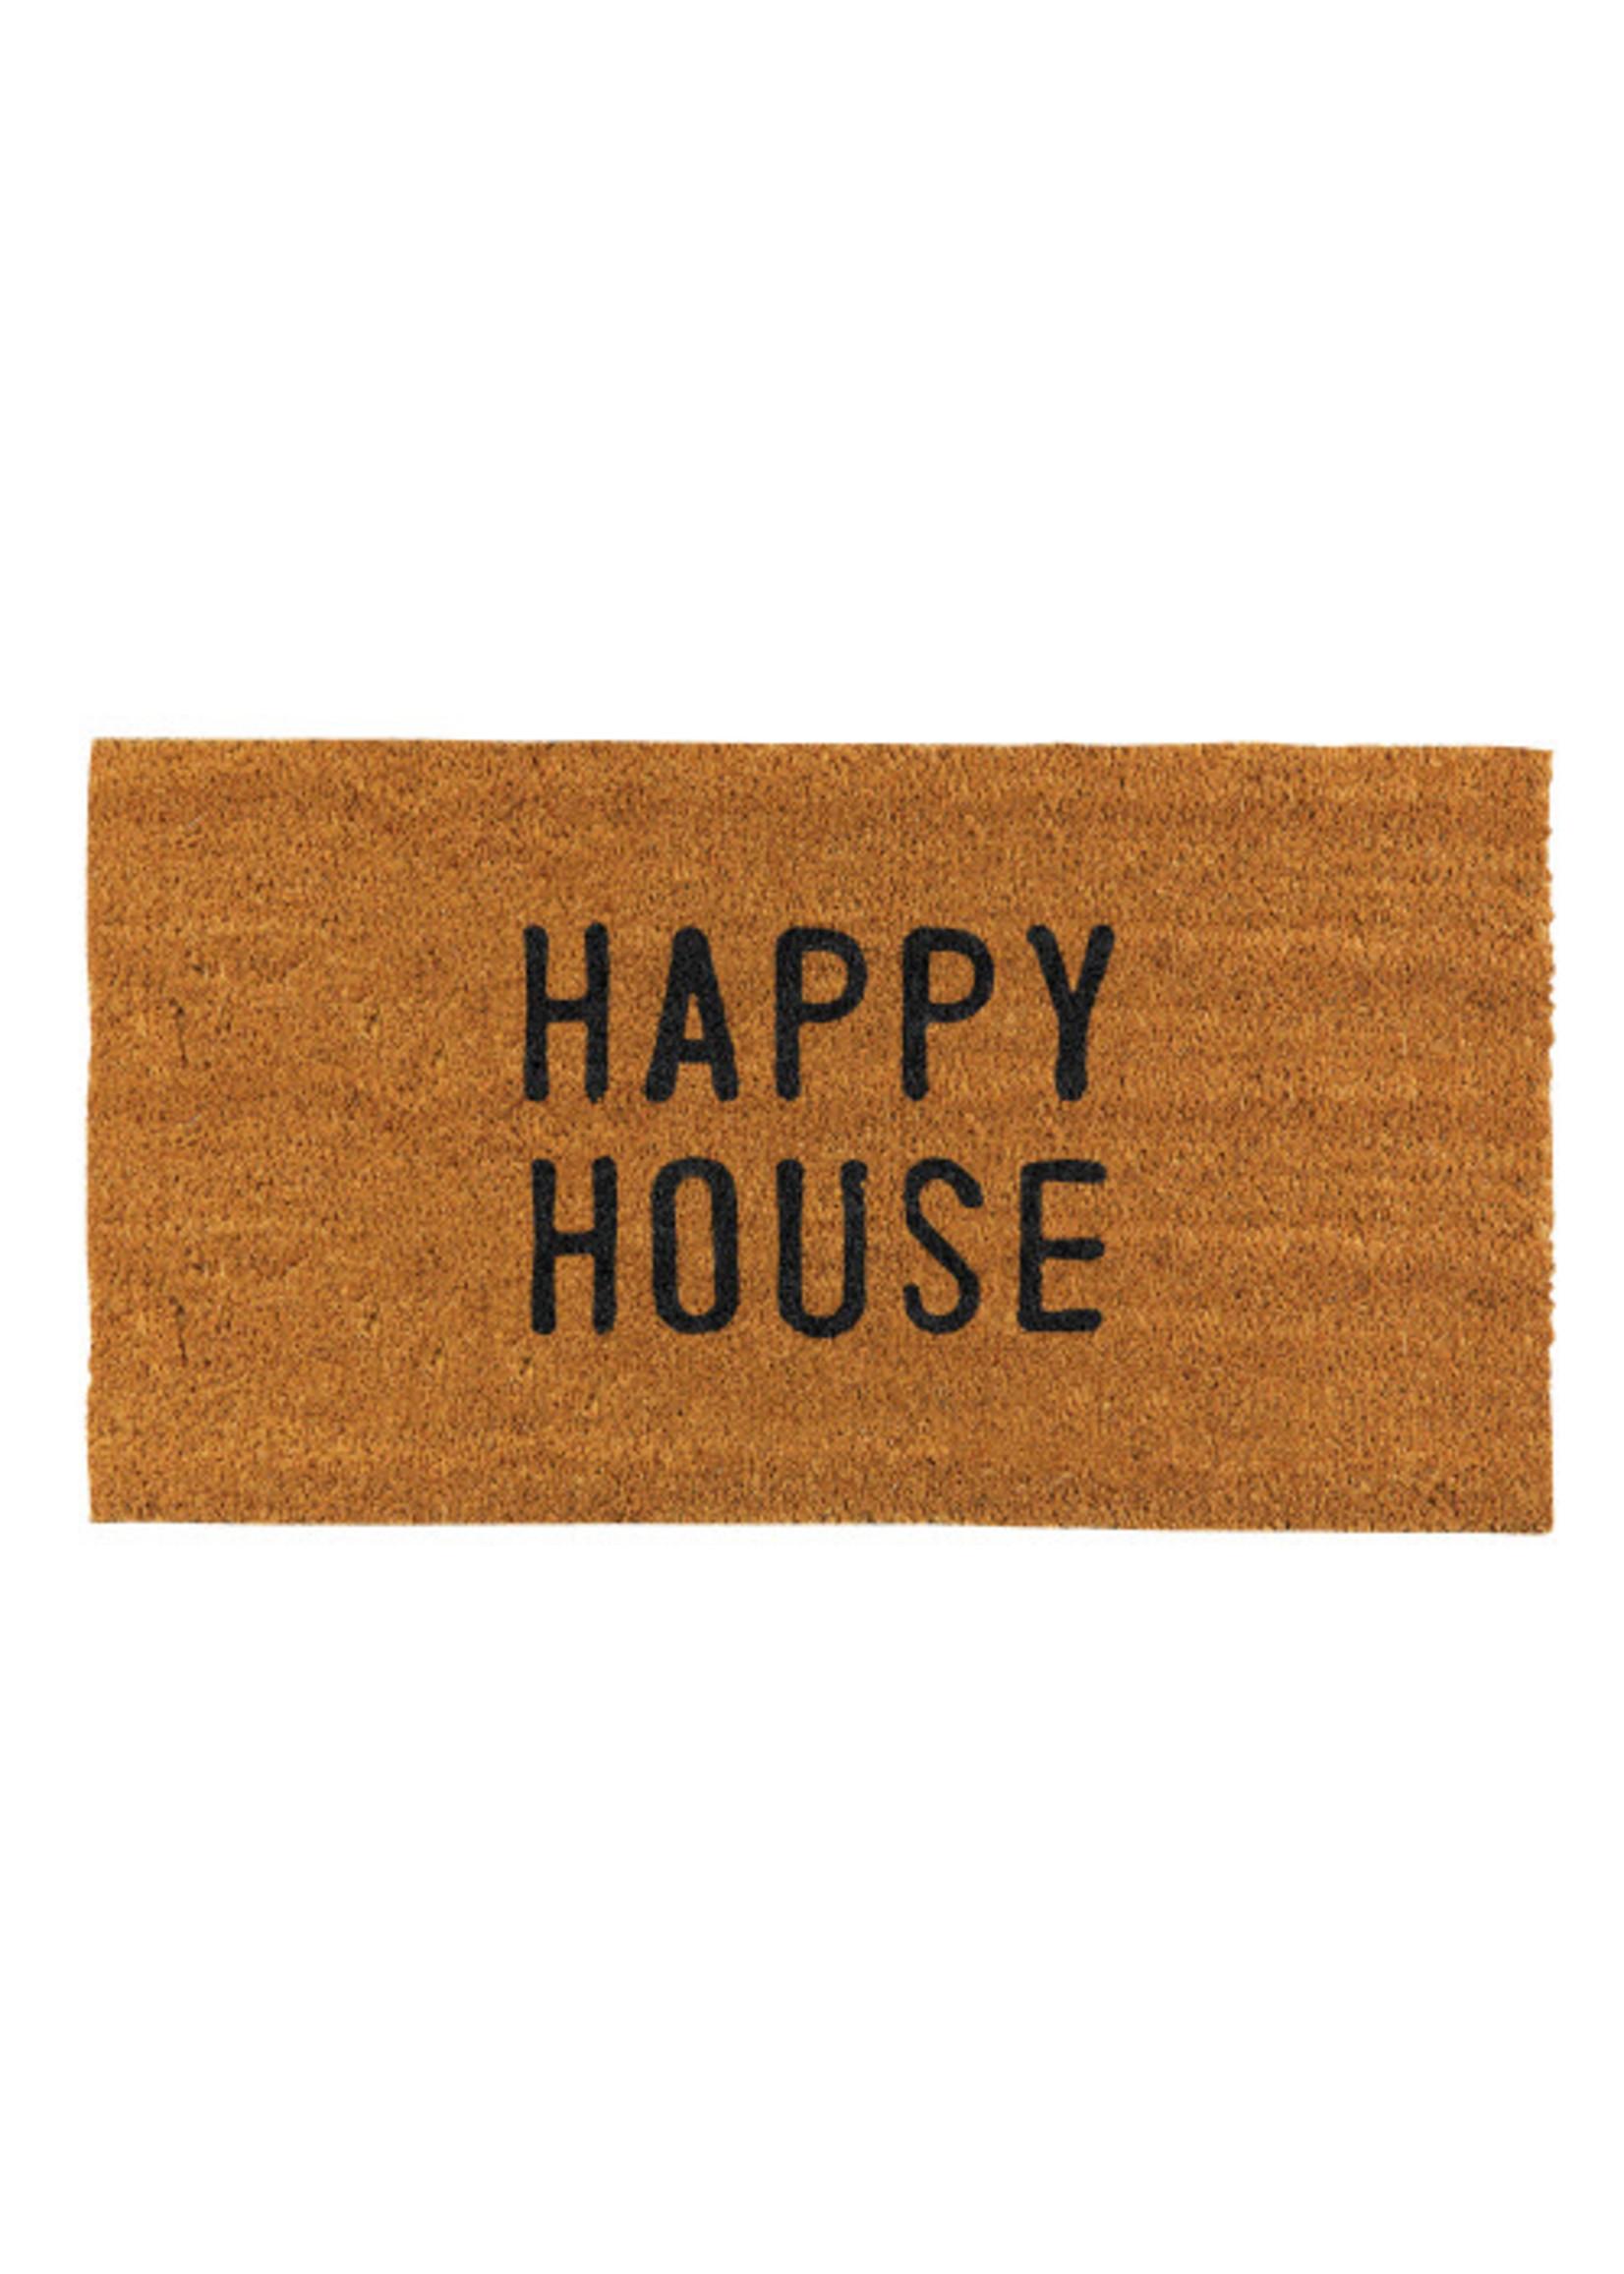 Happy House Doormat